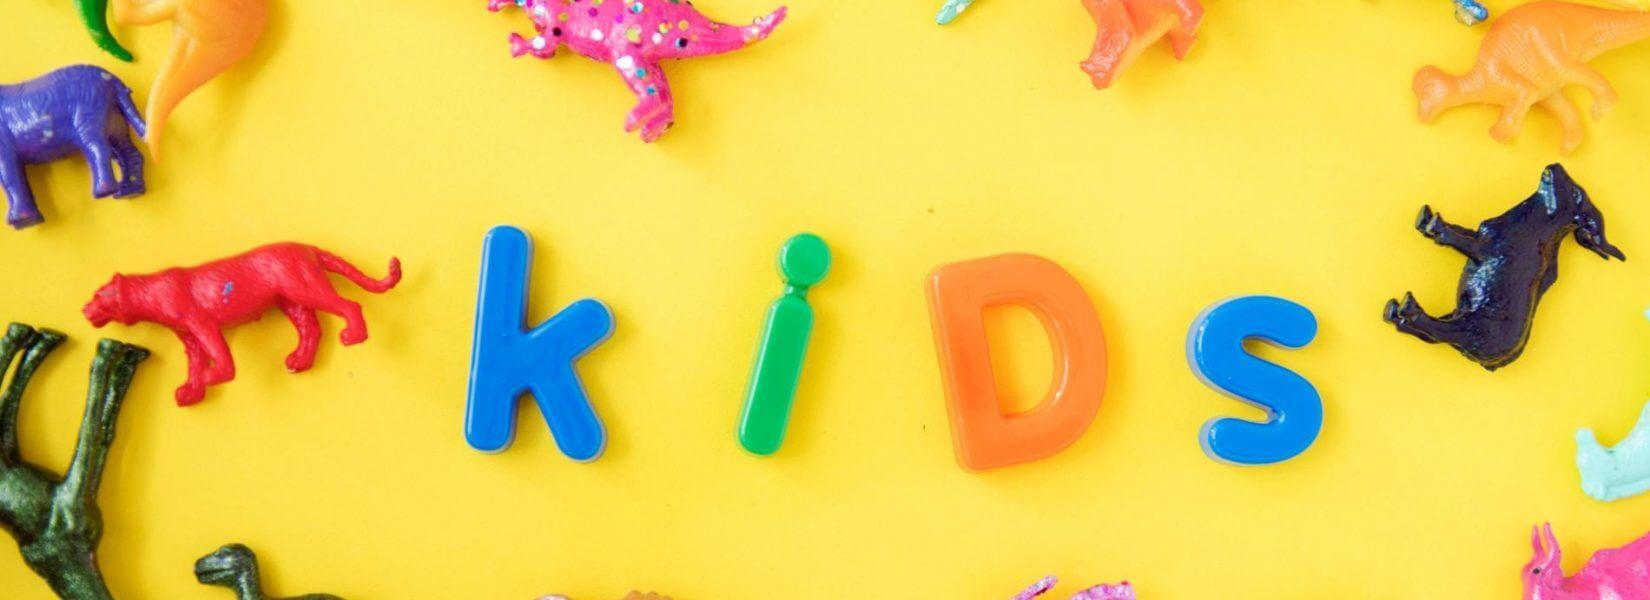 Το παιδί στην πόλη: 18+1 προτάσεις για να περάσετε ένα ξεχωριστό ΣΚ με τα παιδιά σας!